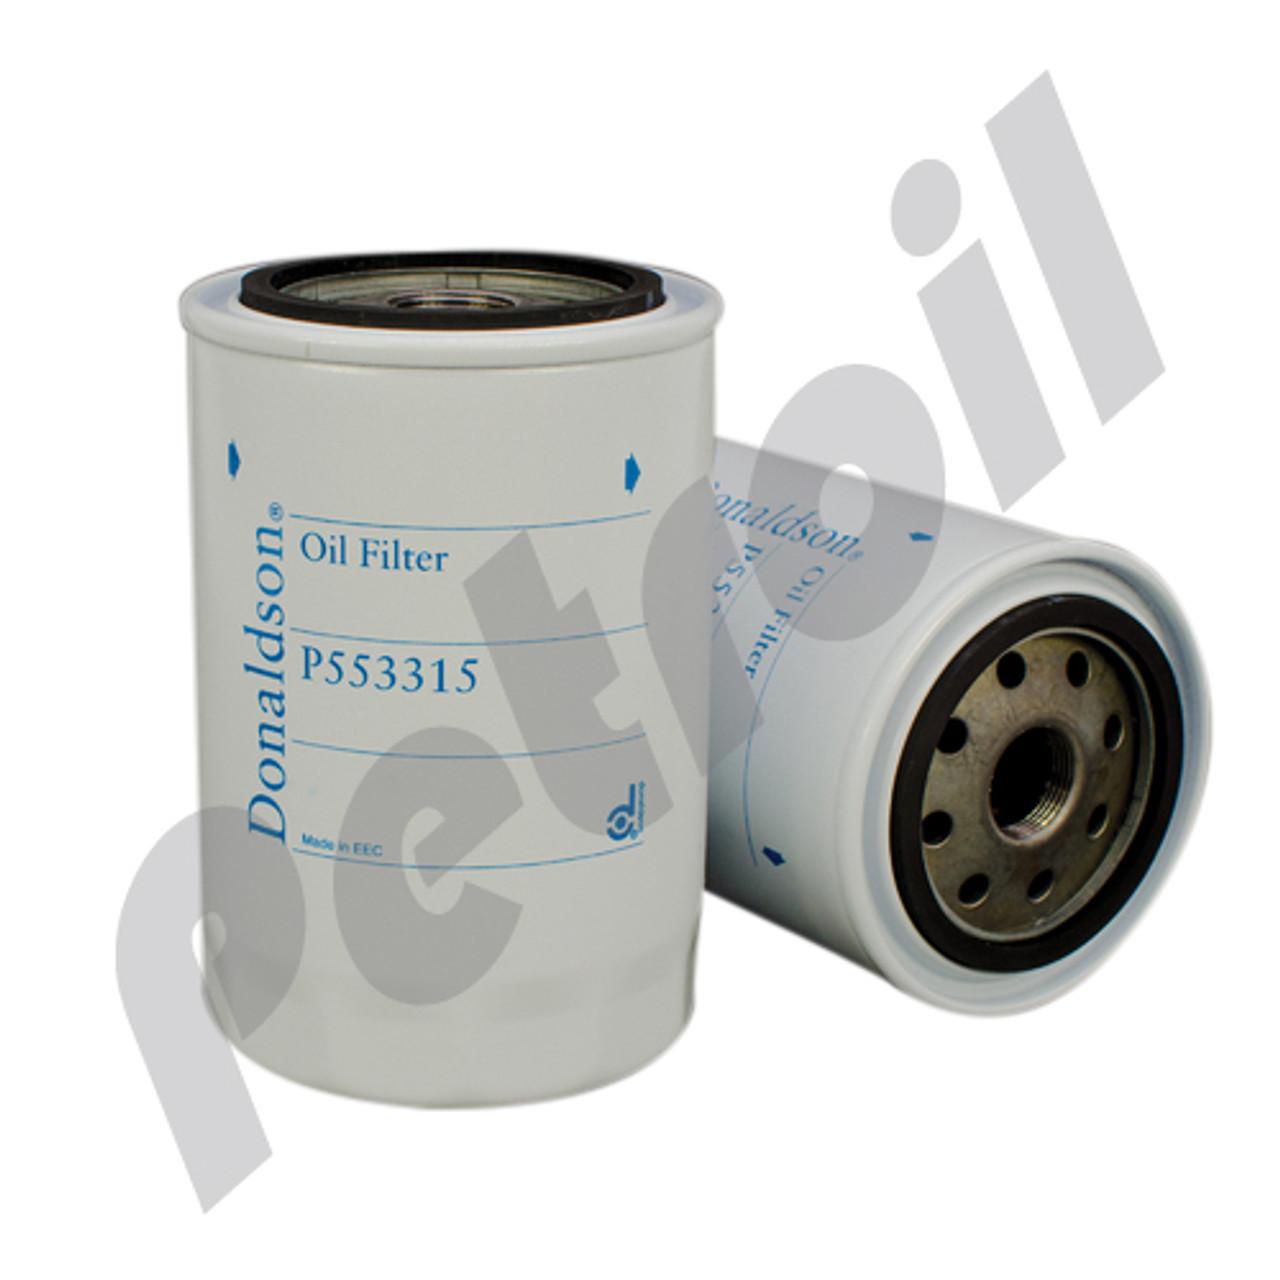 Filtre /à huile Donaldson p550519